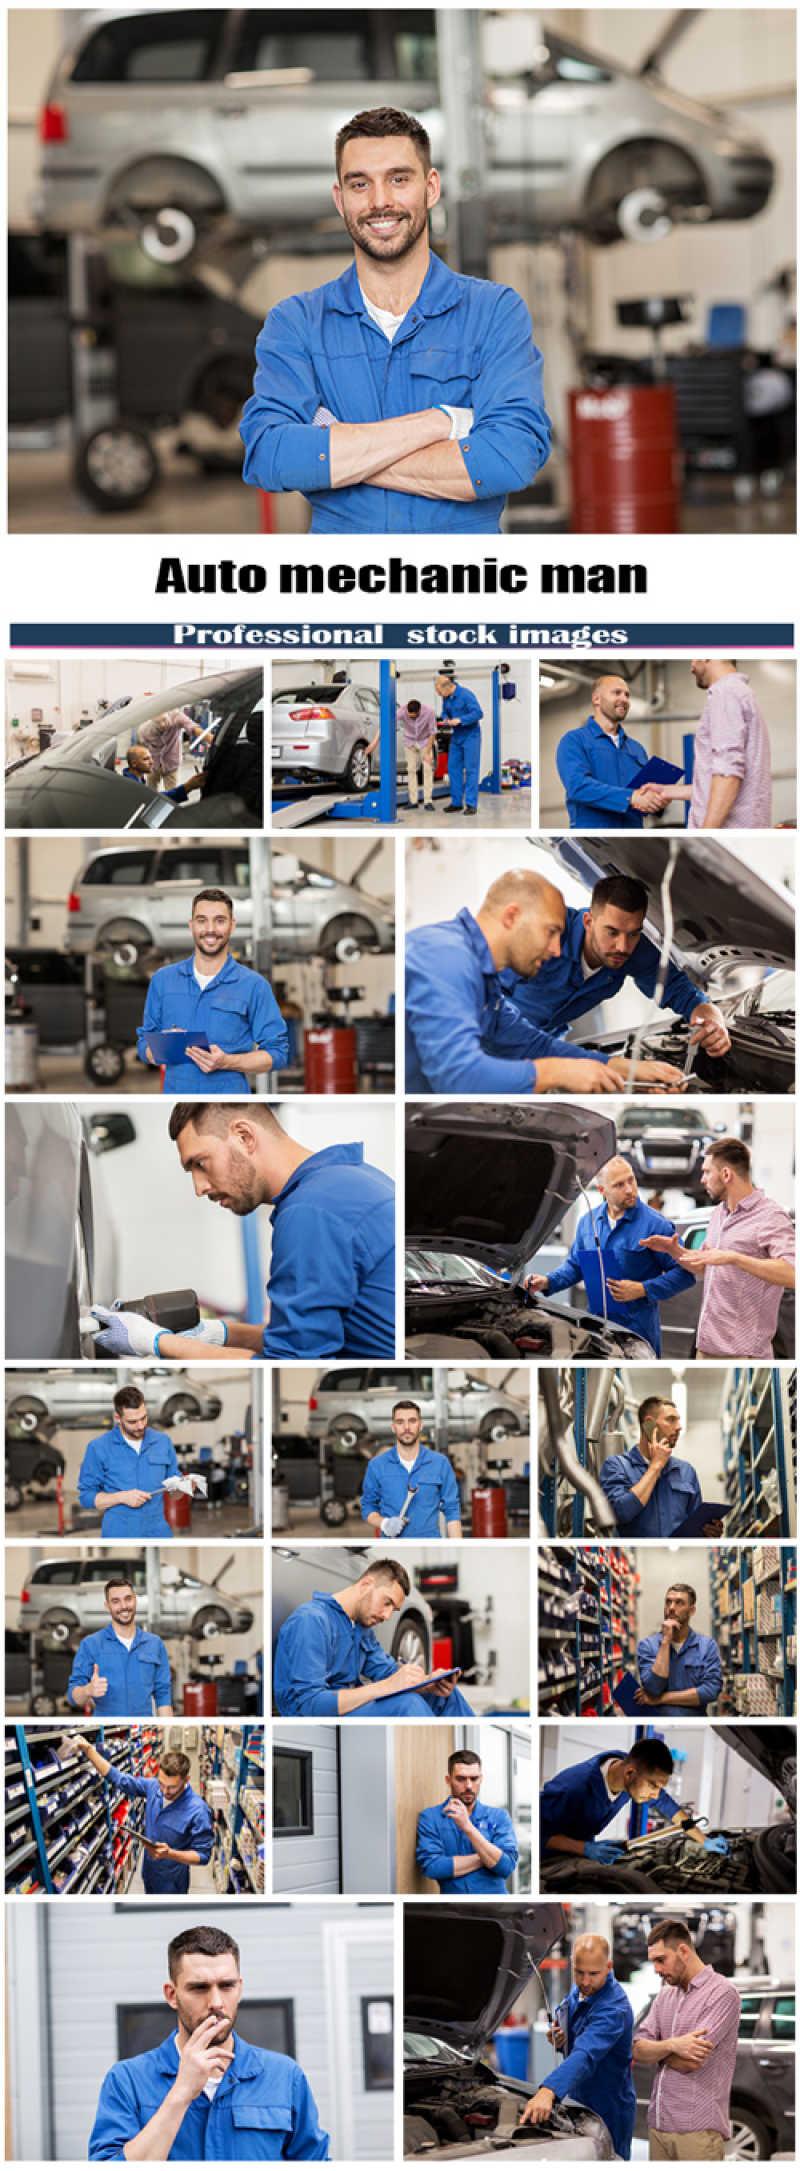 男性修理工维修汽车拼贴